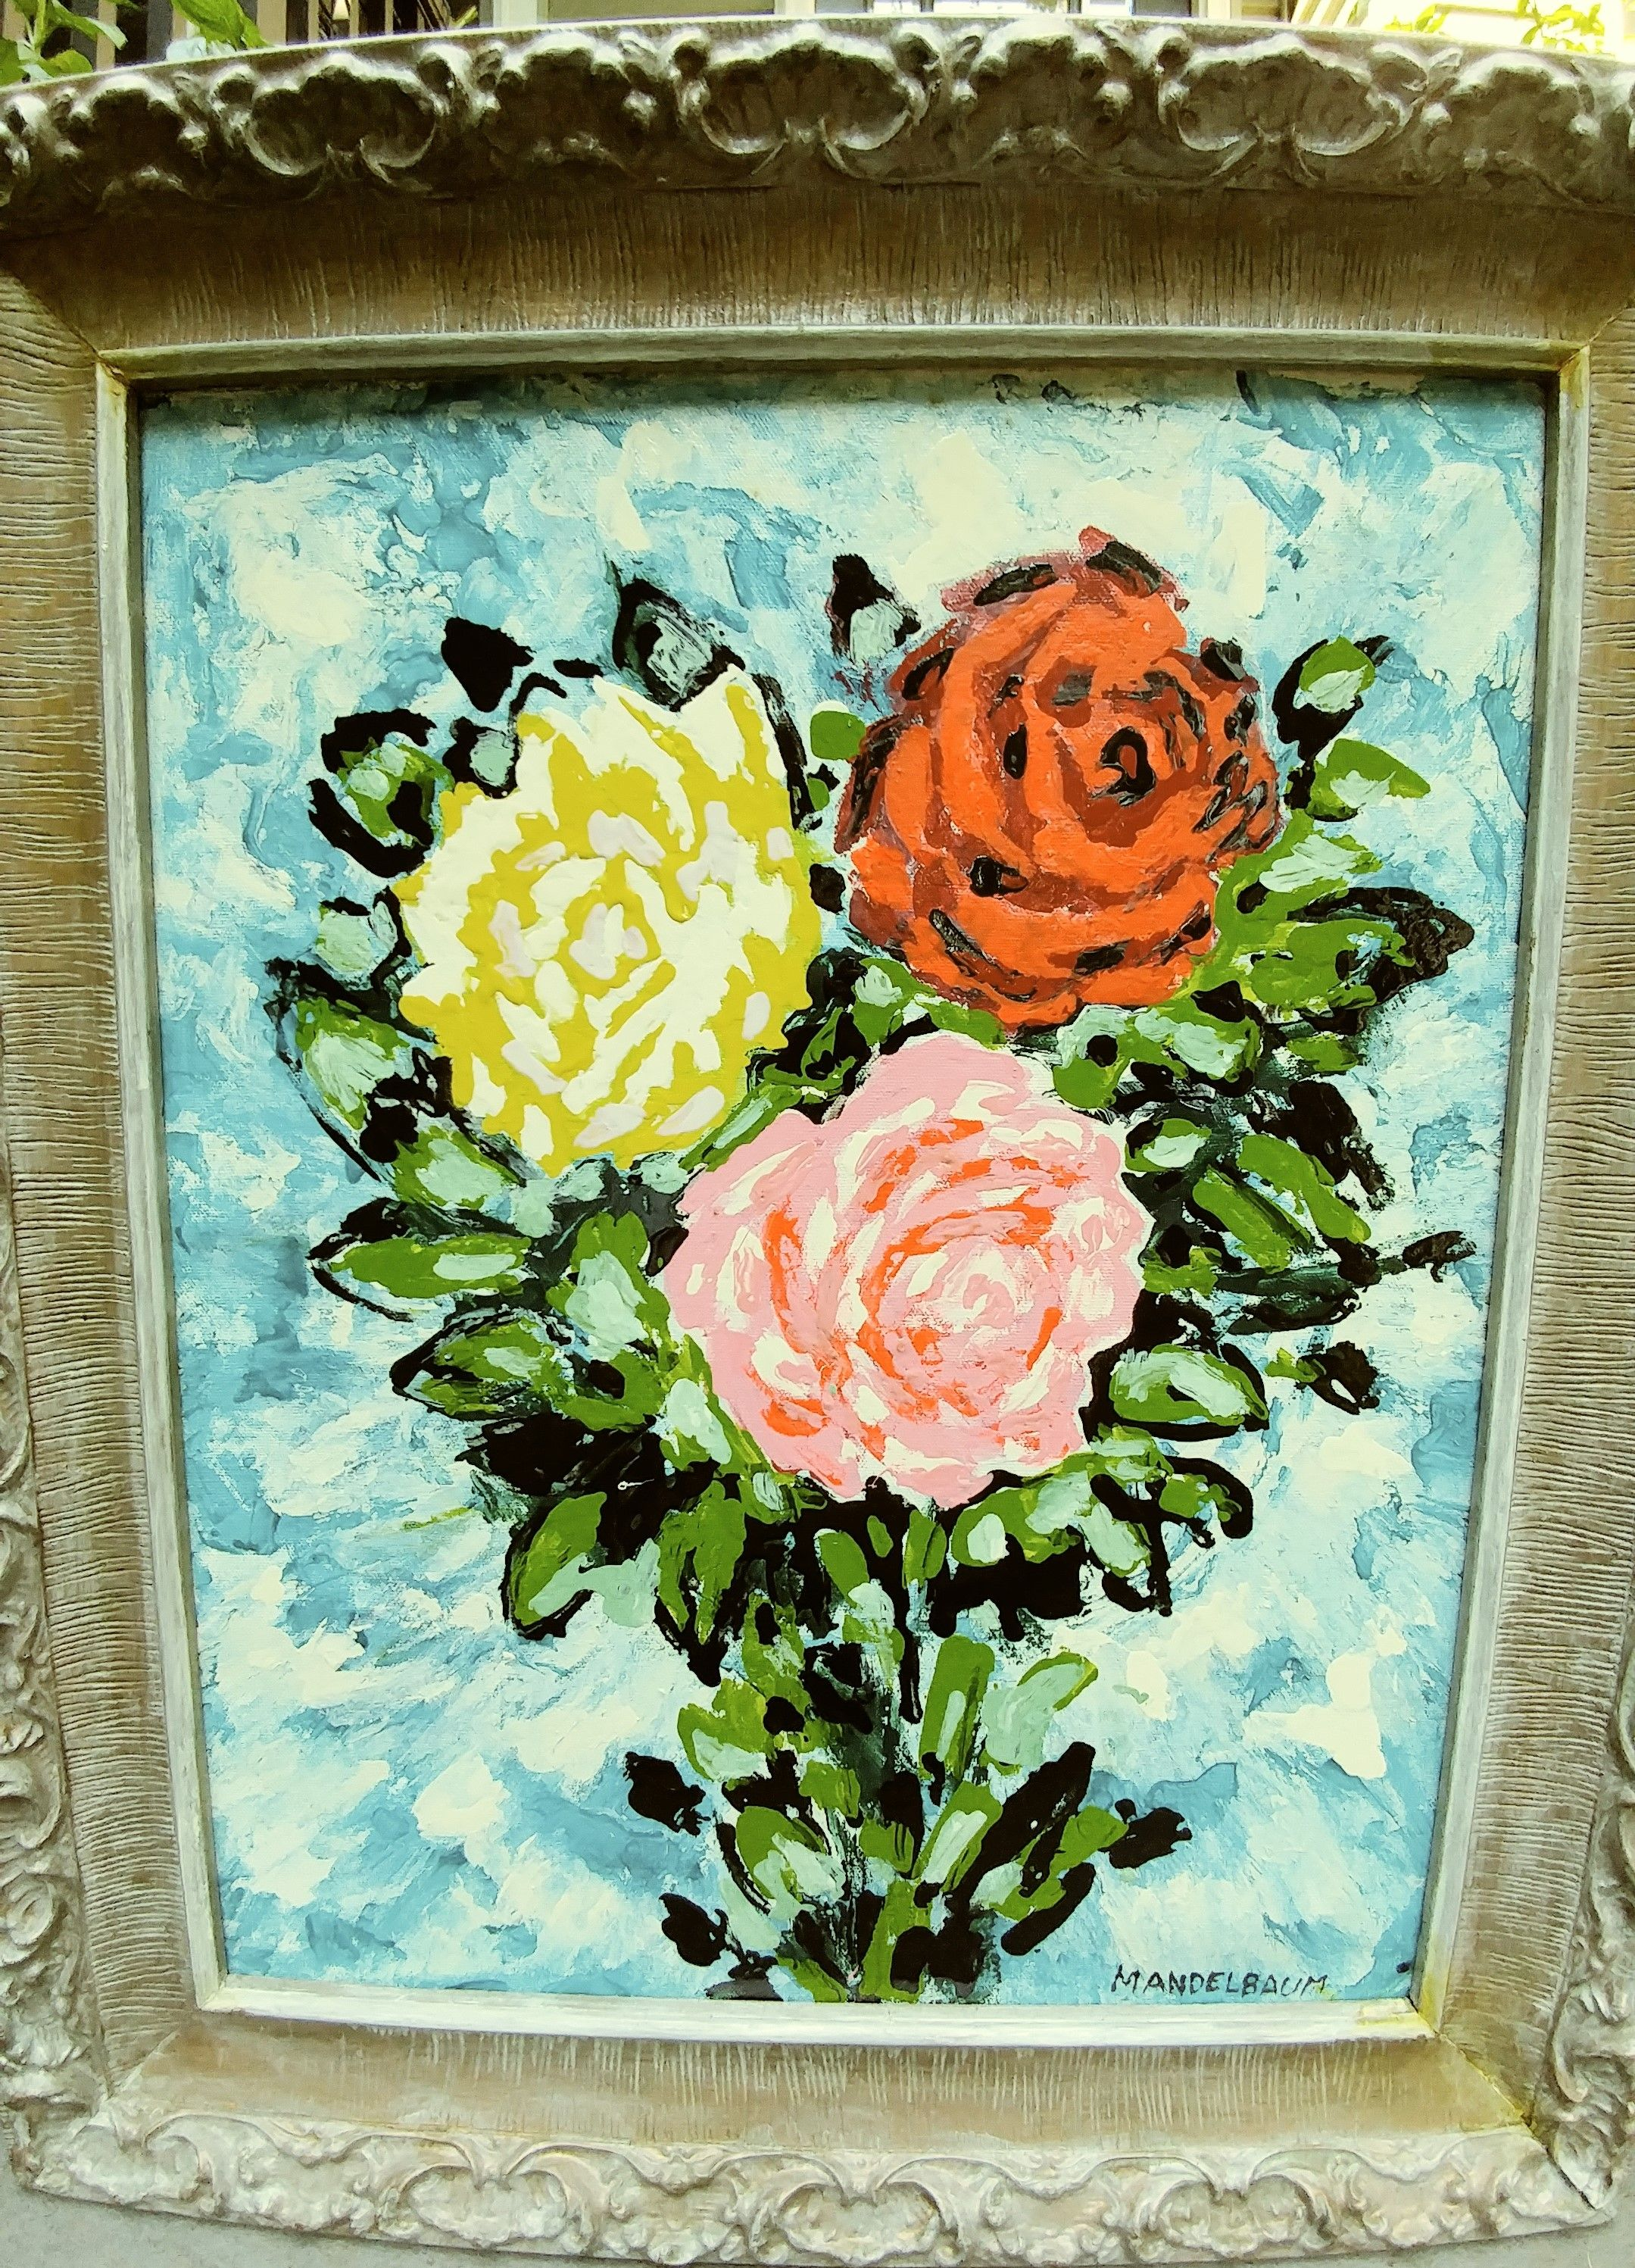 ELIZABETH MANDELBAUM floral painting 56_EM_A (A CHILD IS